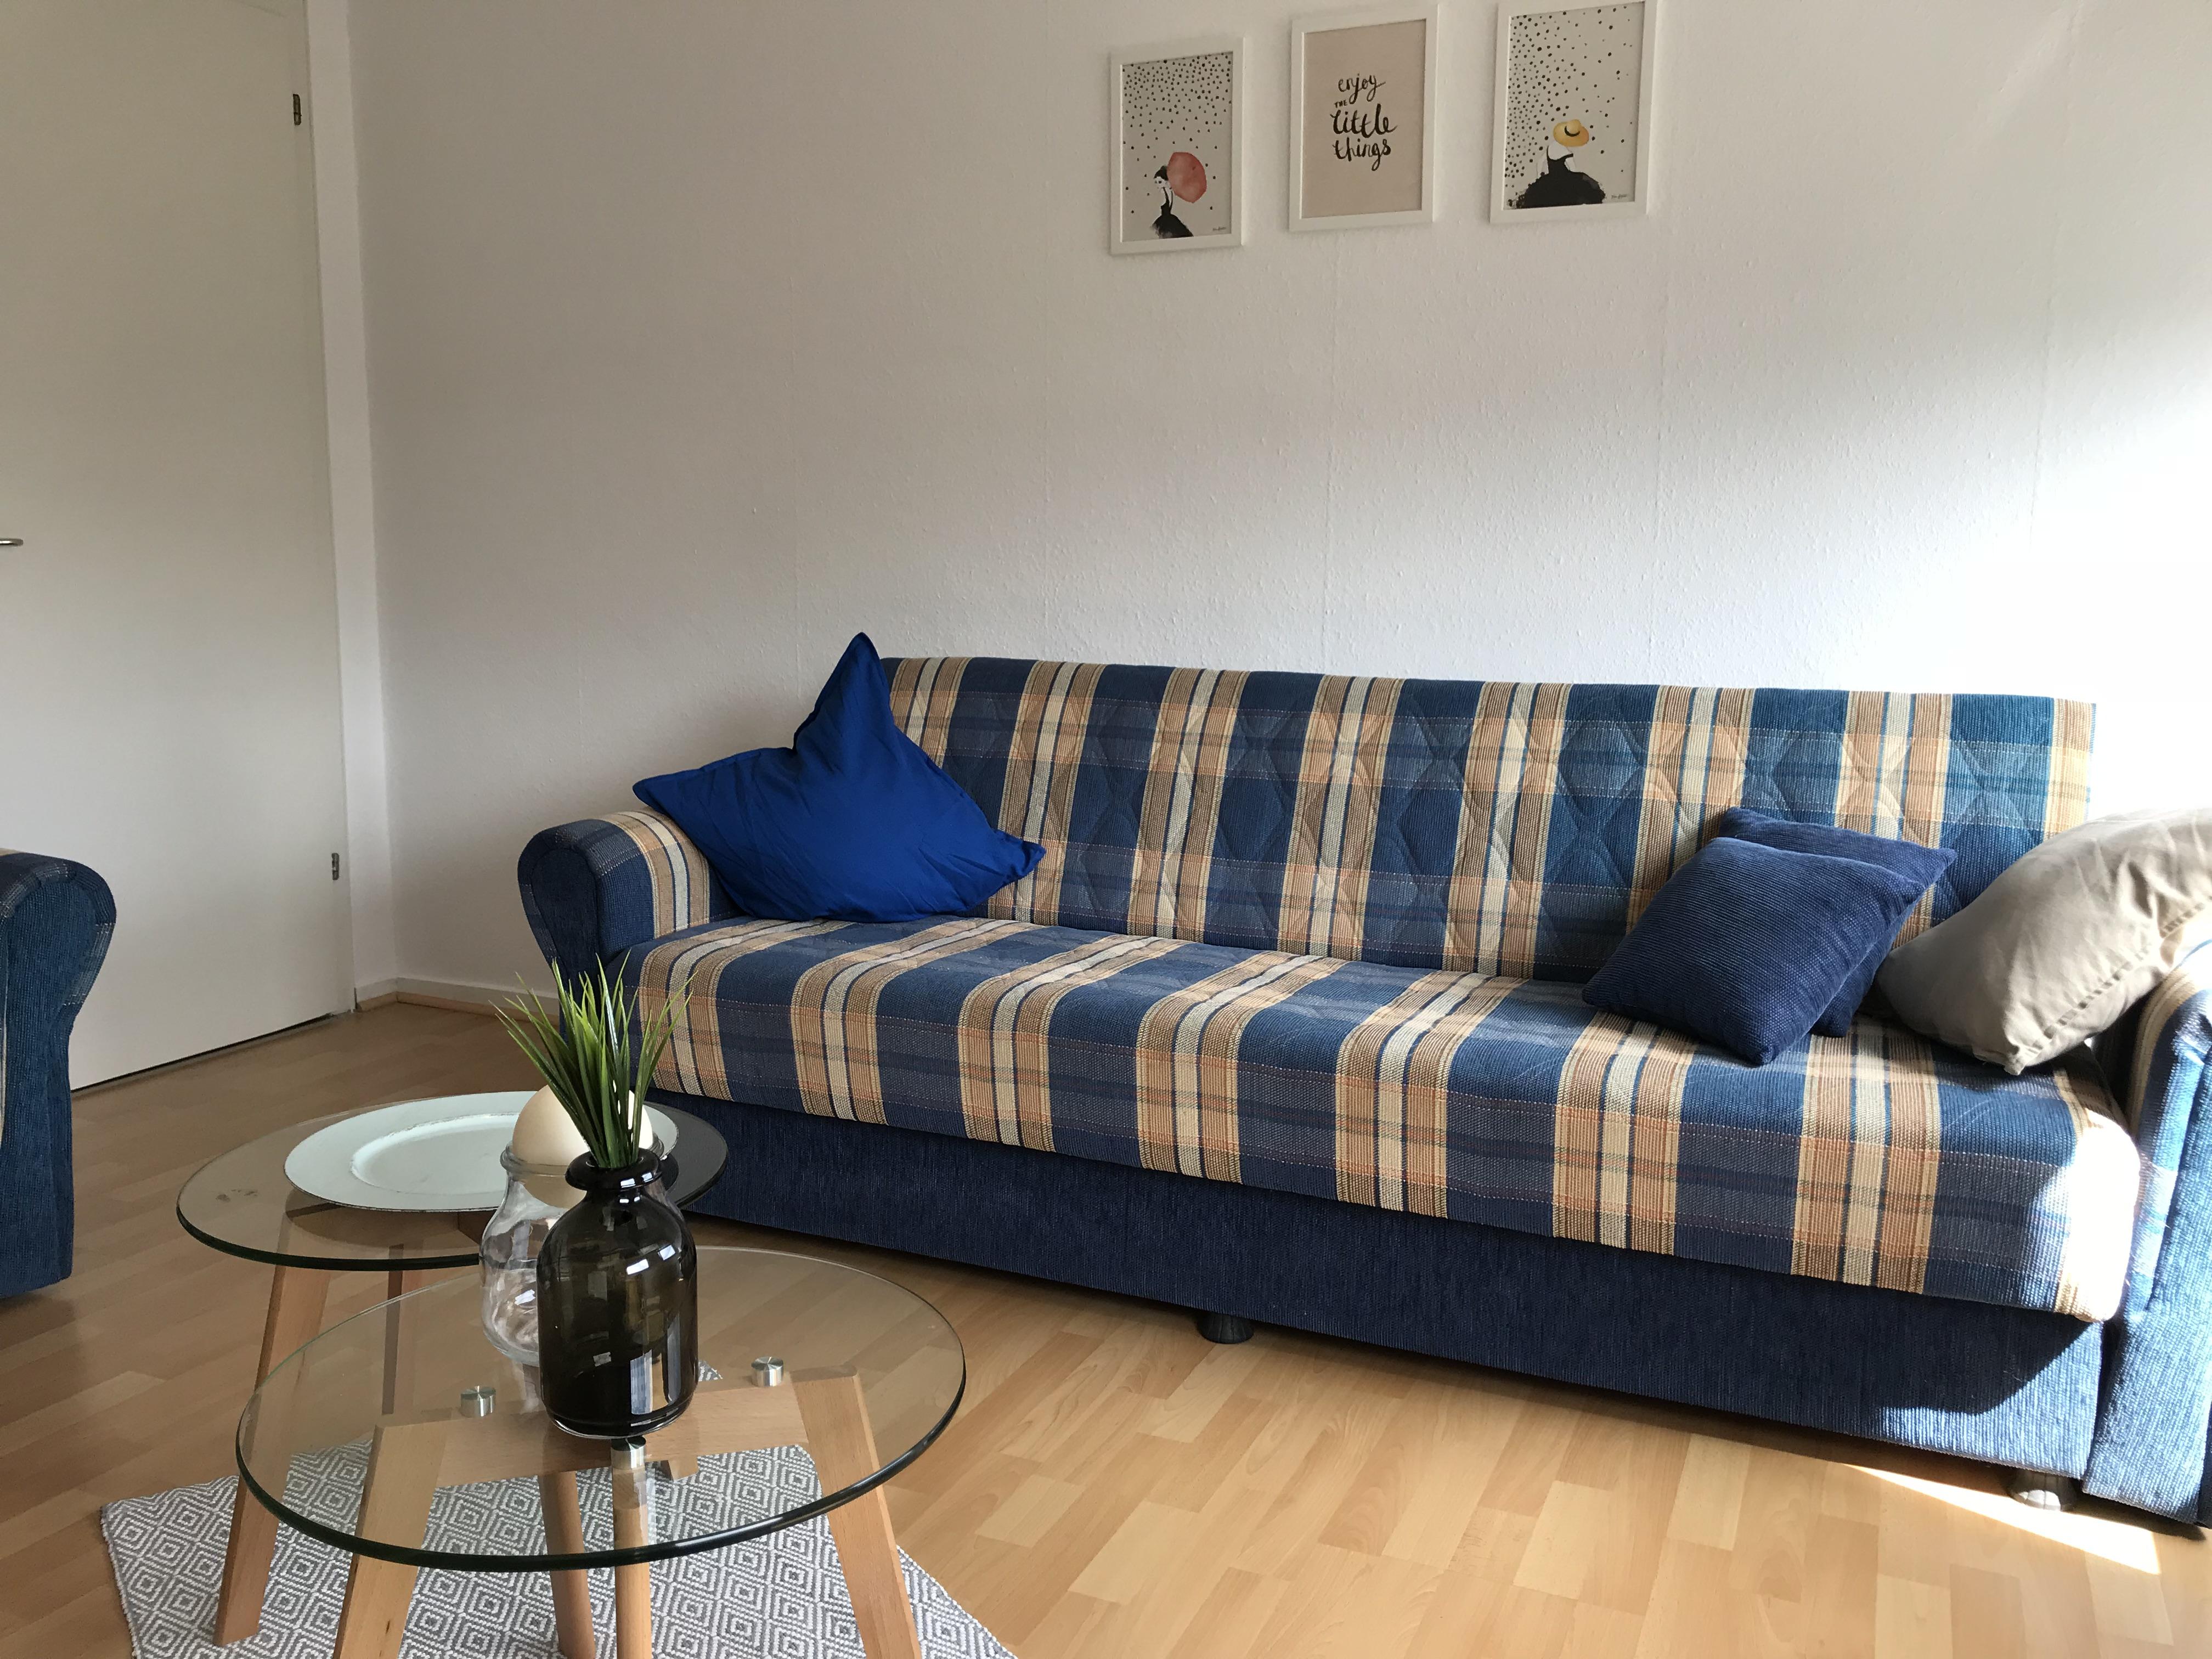 img 0697 ruhige ferienwohnung in bad neuenahrruhige ferienwohnung in bad neuenahr. Black Bedroom Furniture Sets. Home Design Ideas